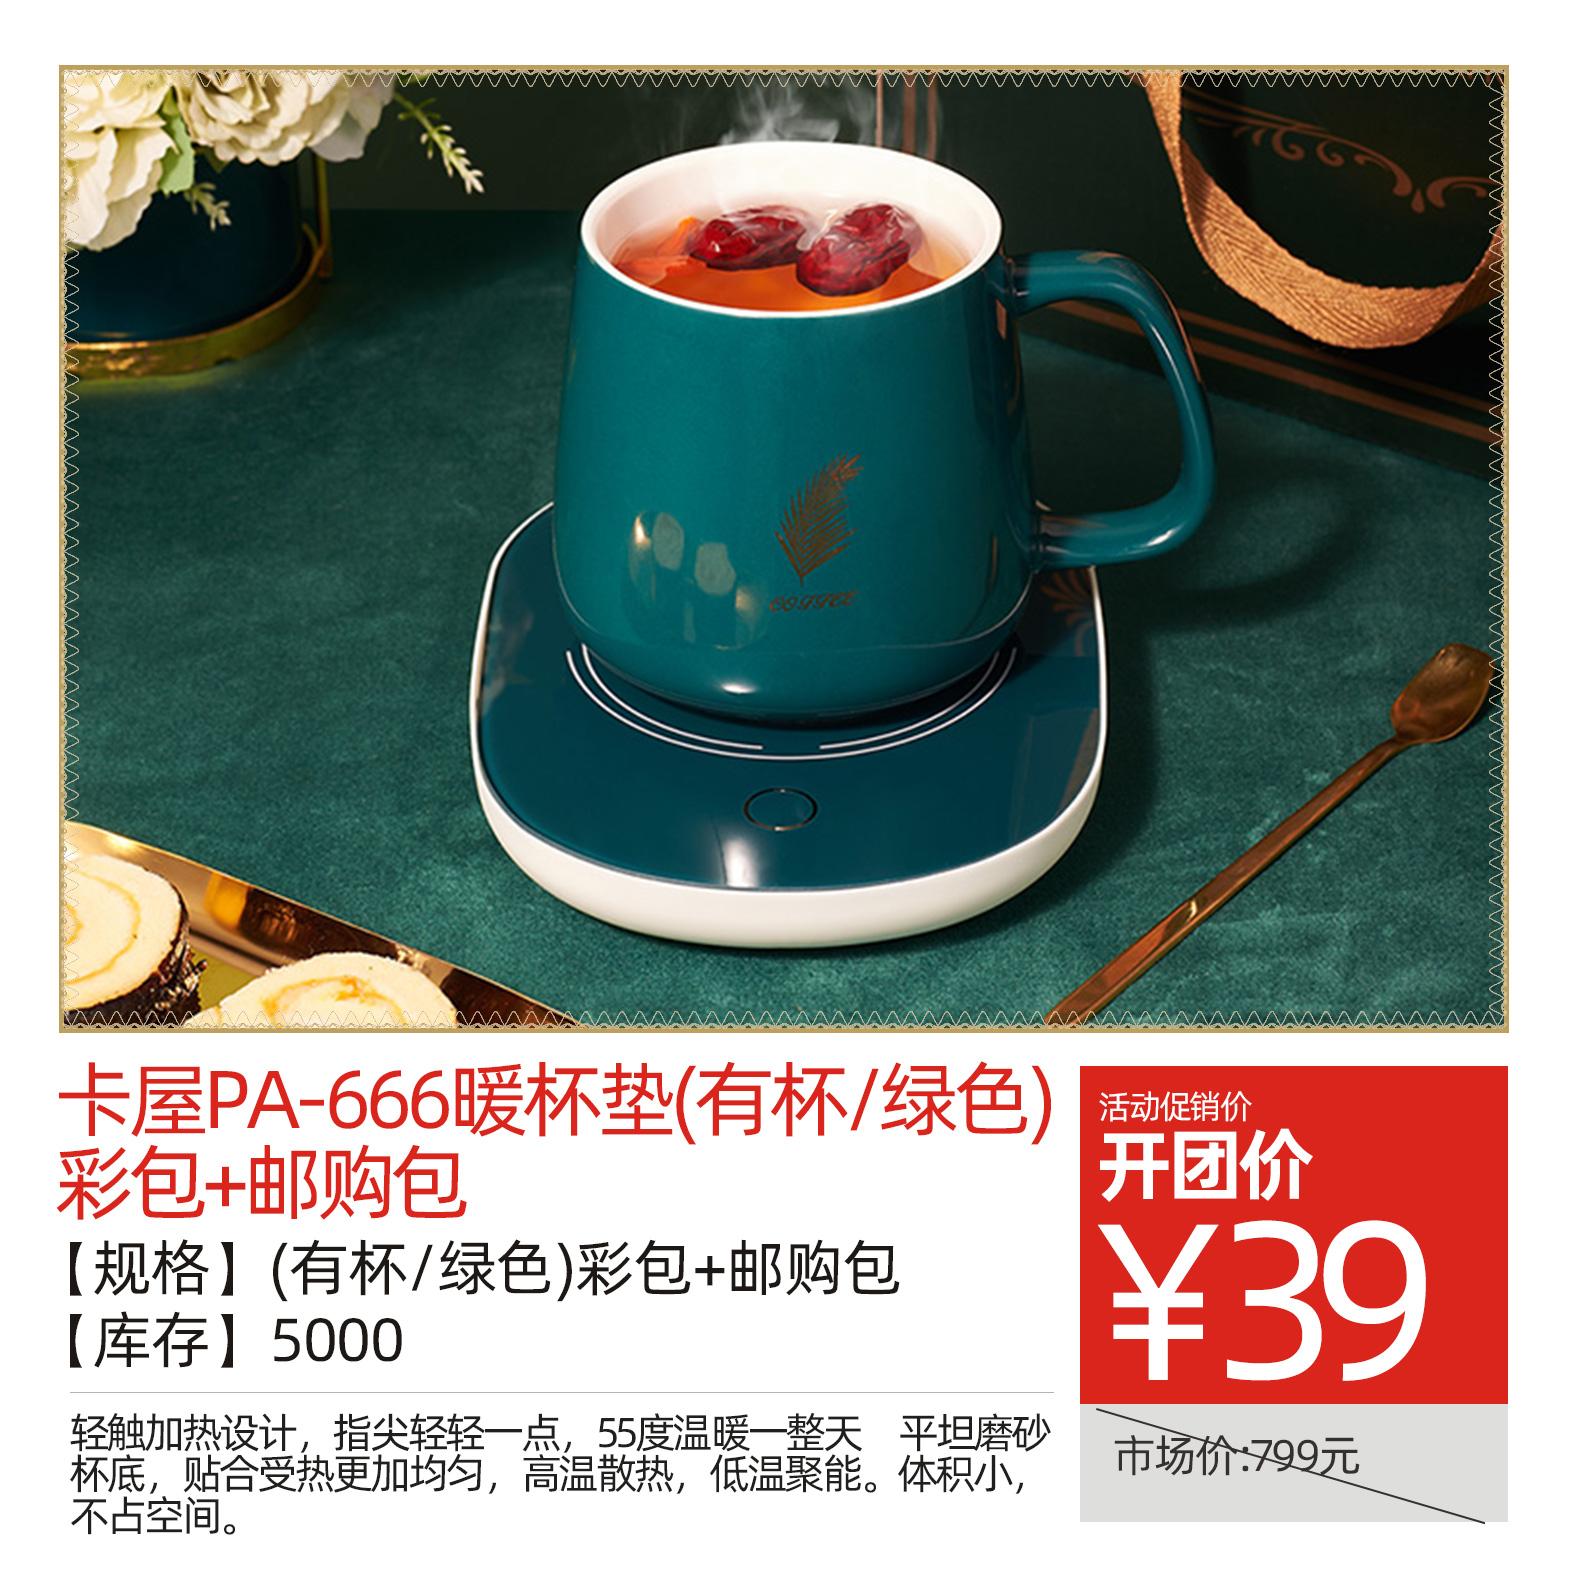 卡屋PA-666暖杯垫(有杯/绿色)彩包+邮购包